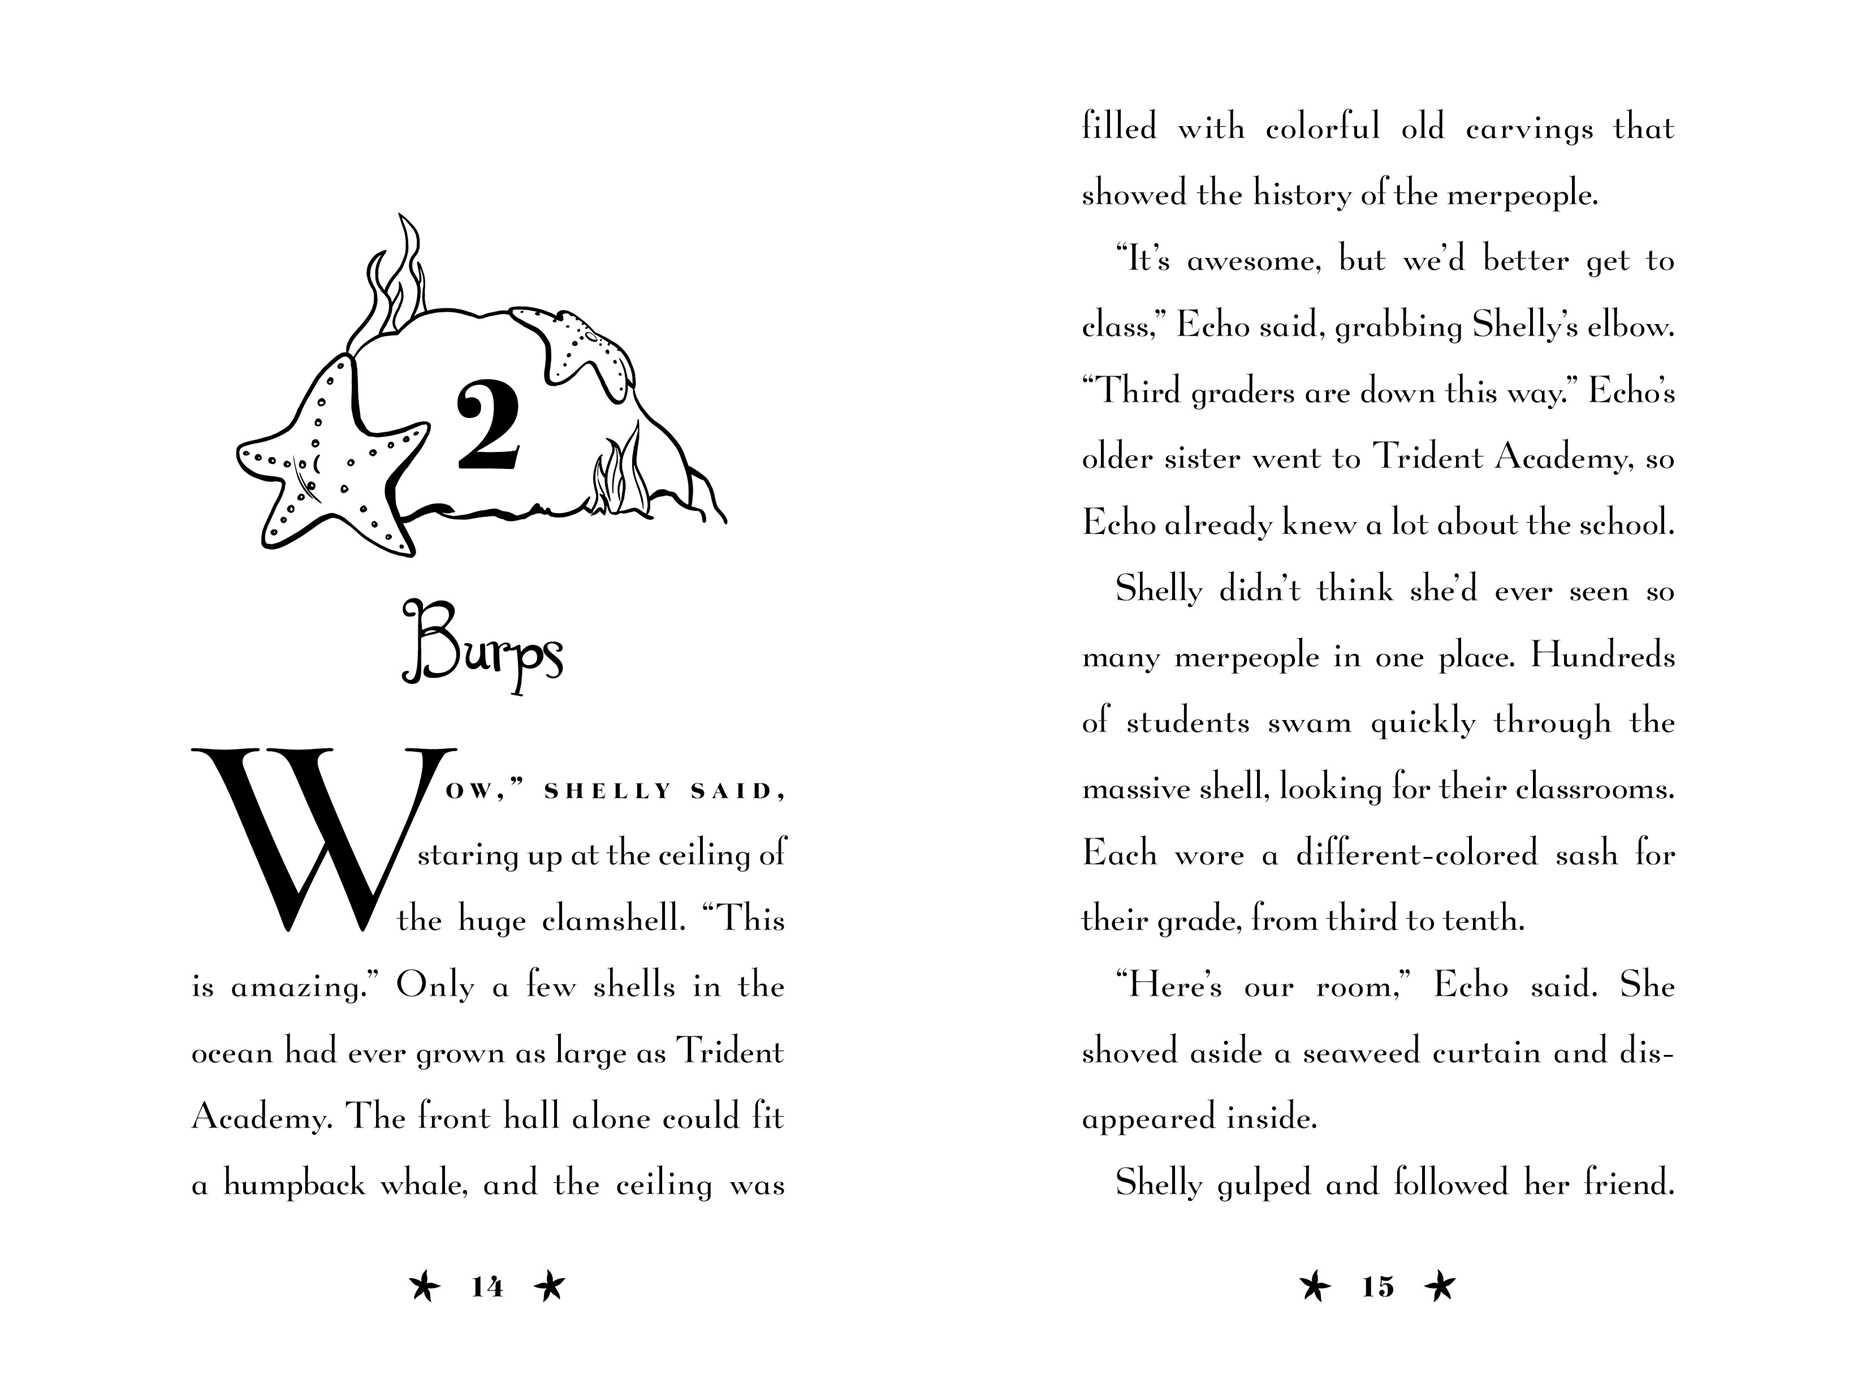 Mermaid tales 3 books in 1 9781481485555.in05